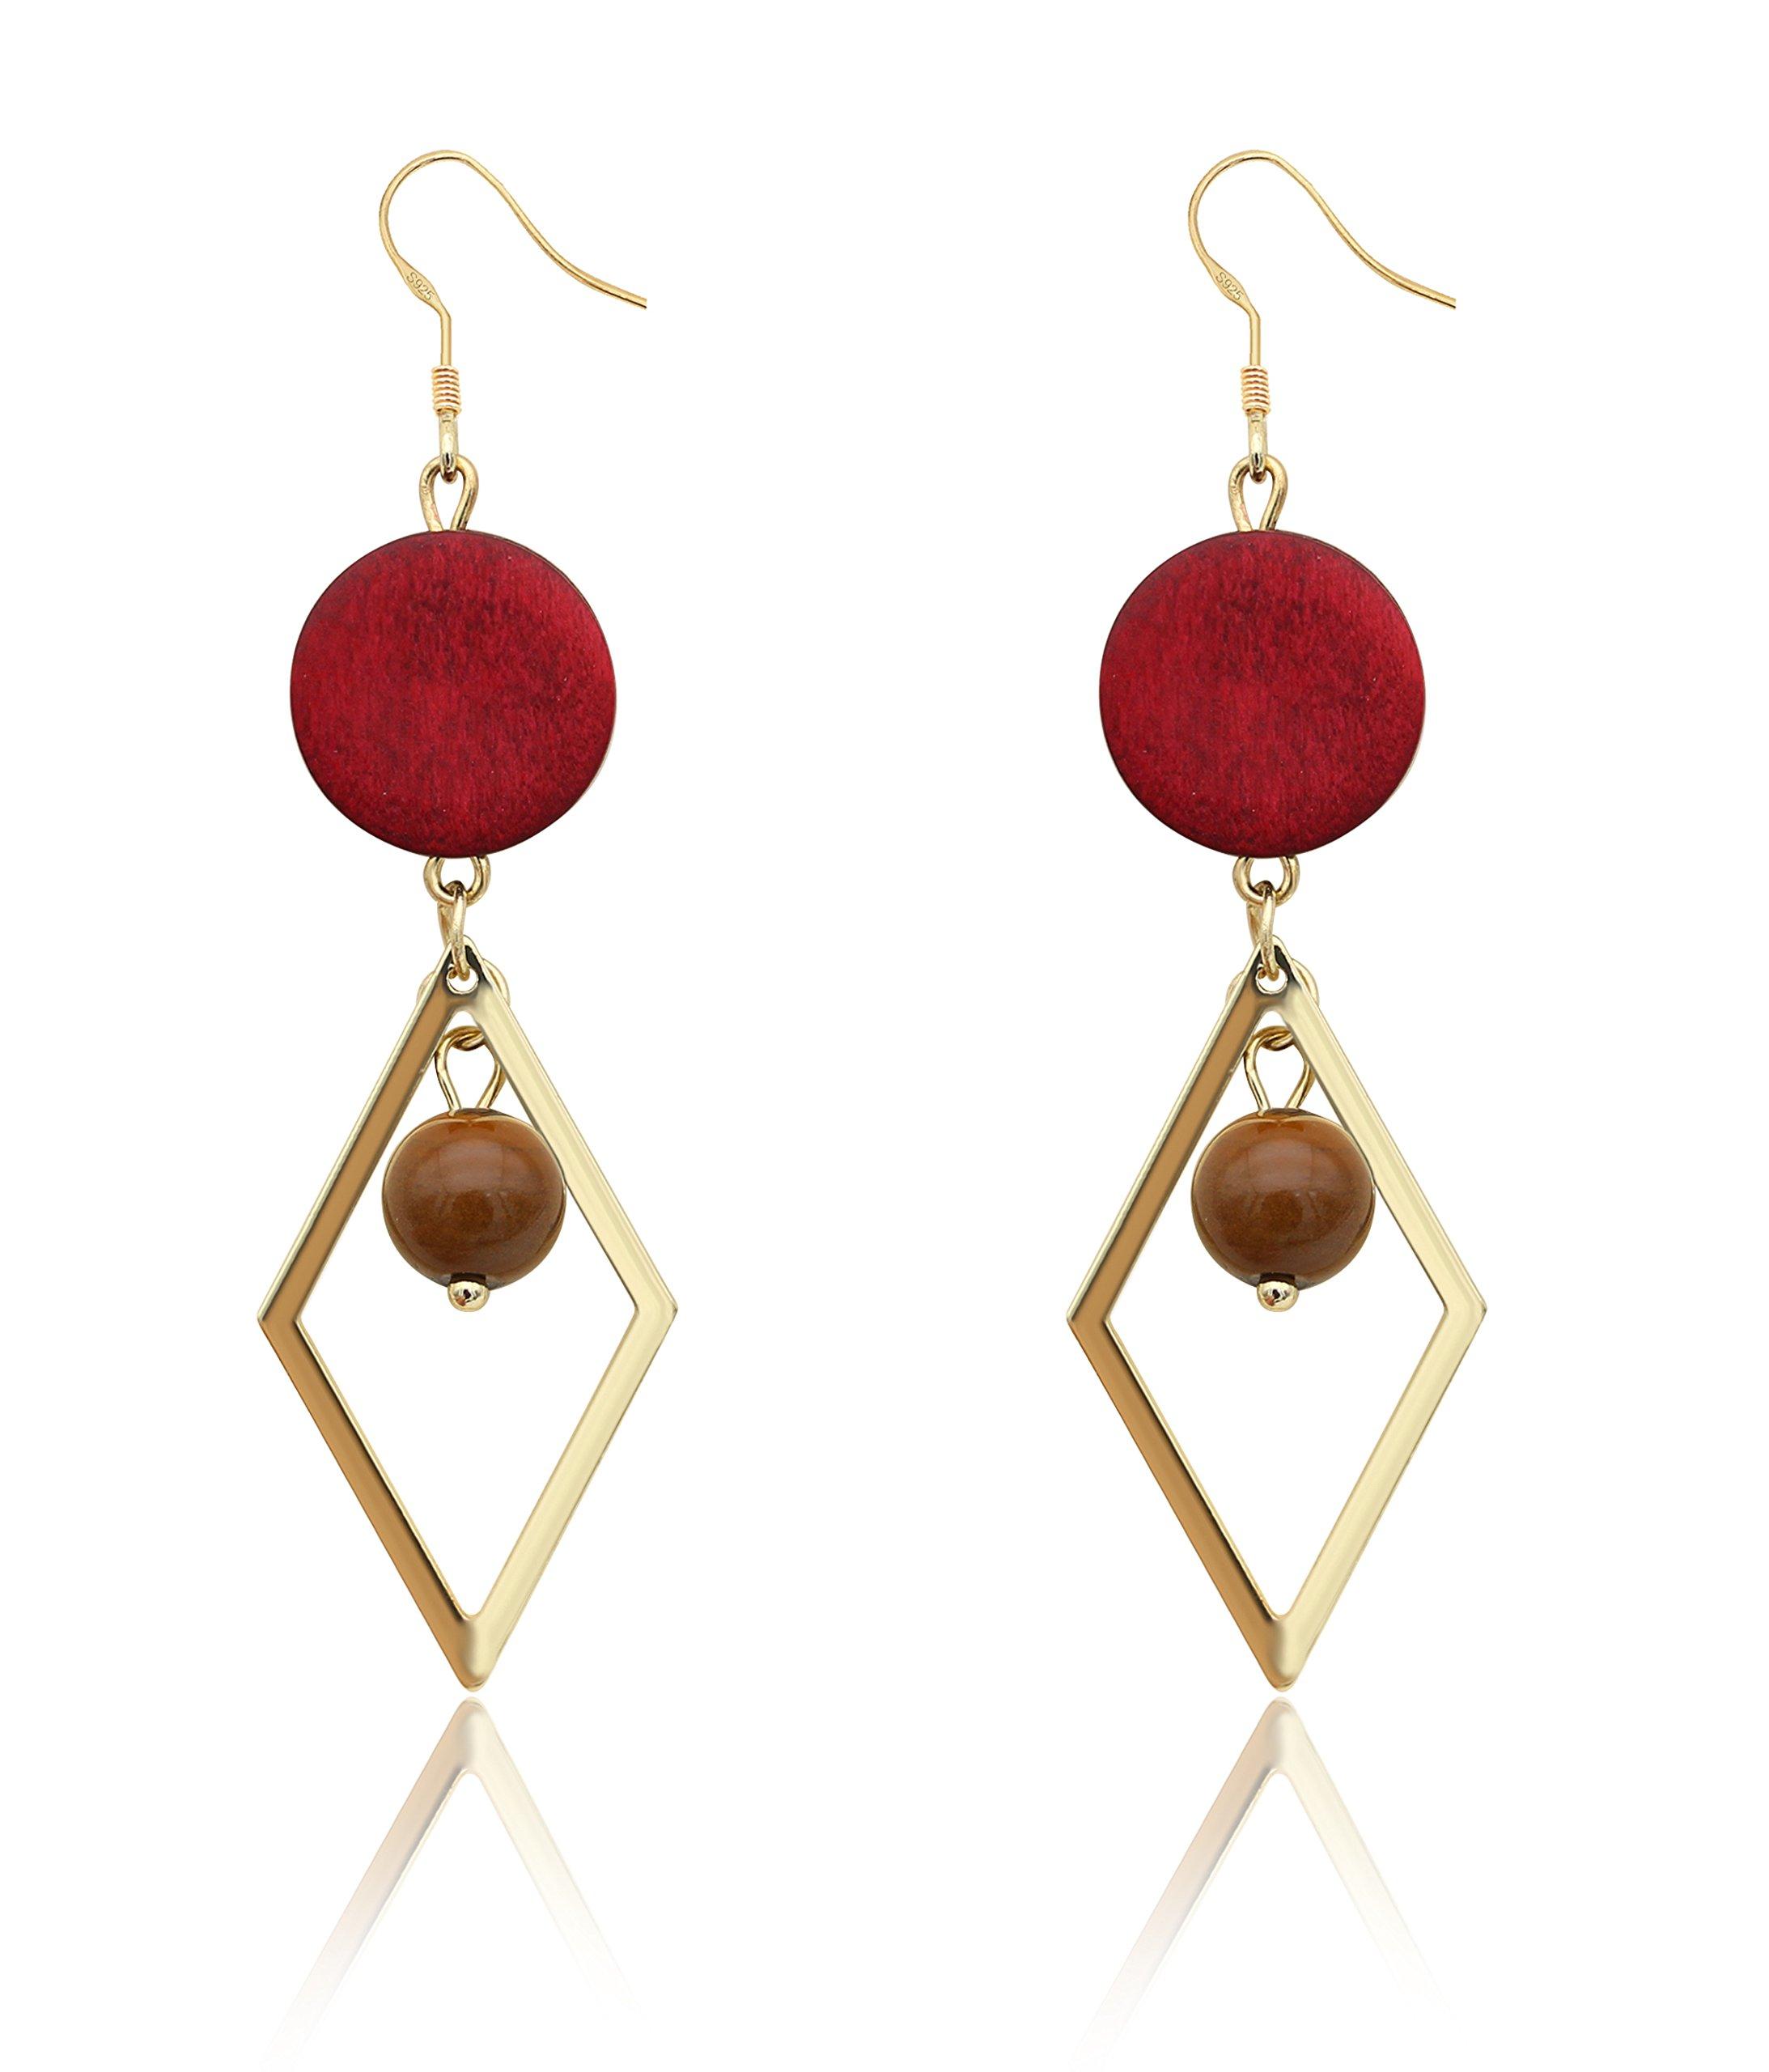 KristLand - S925 Silver Geometric Drop Earrings 3D Long Pendant Stone Wood Thread Tassel Earrings Fringe Dangle Rombo